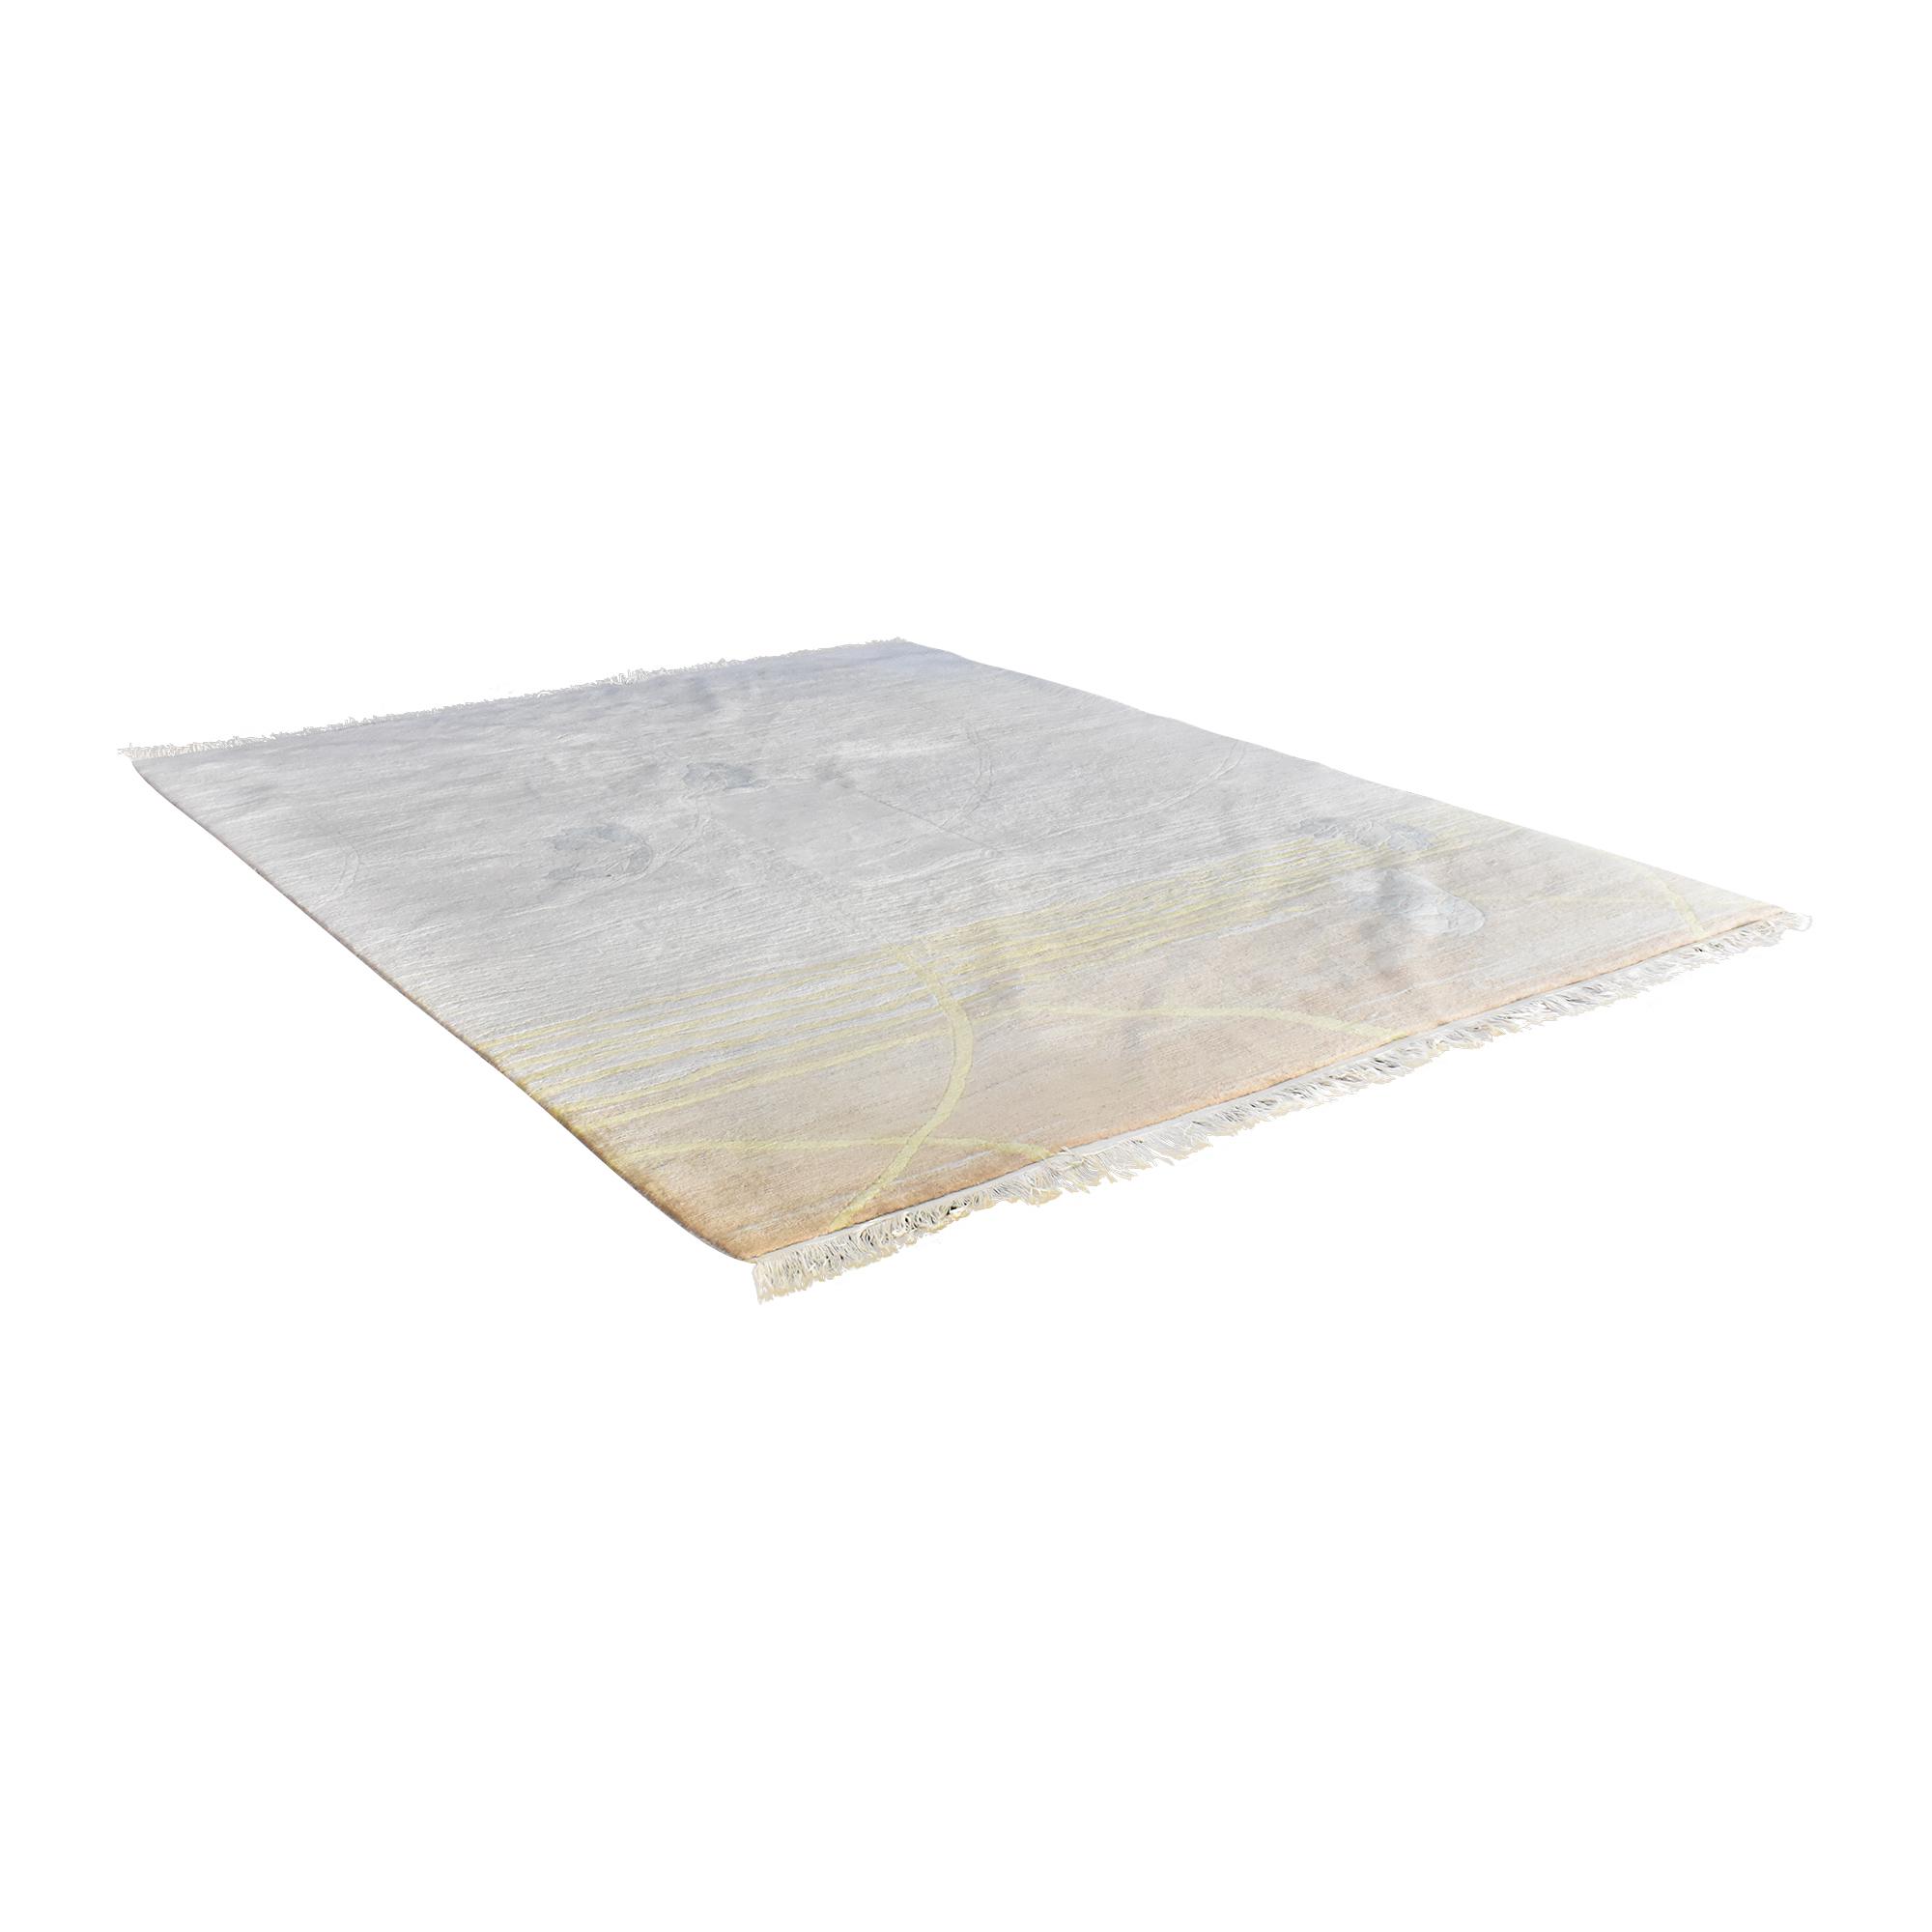 ABC Carpet & Home Tibetan Contemporary Rug / Rugs